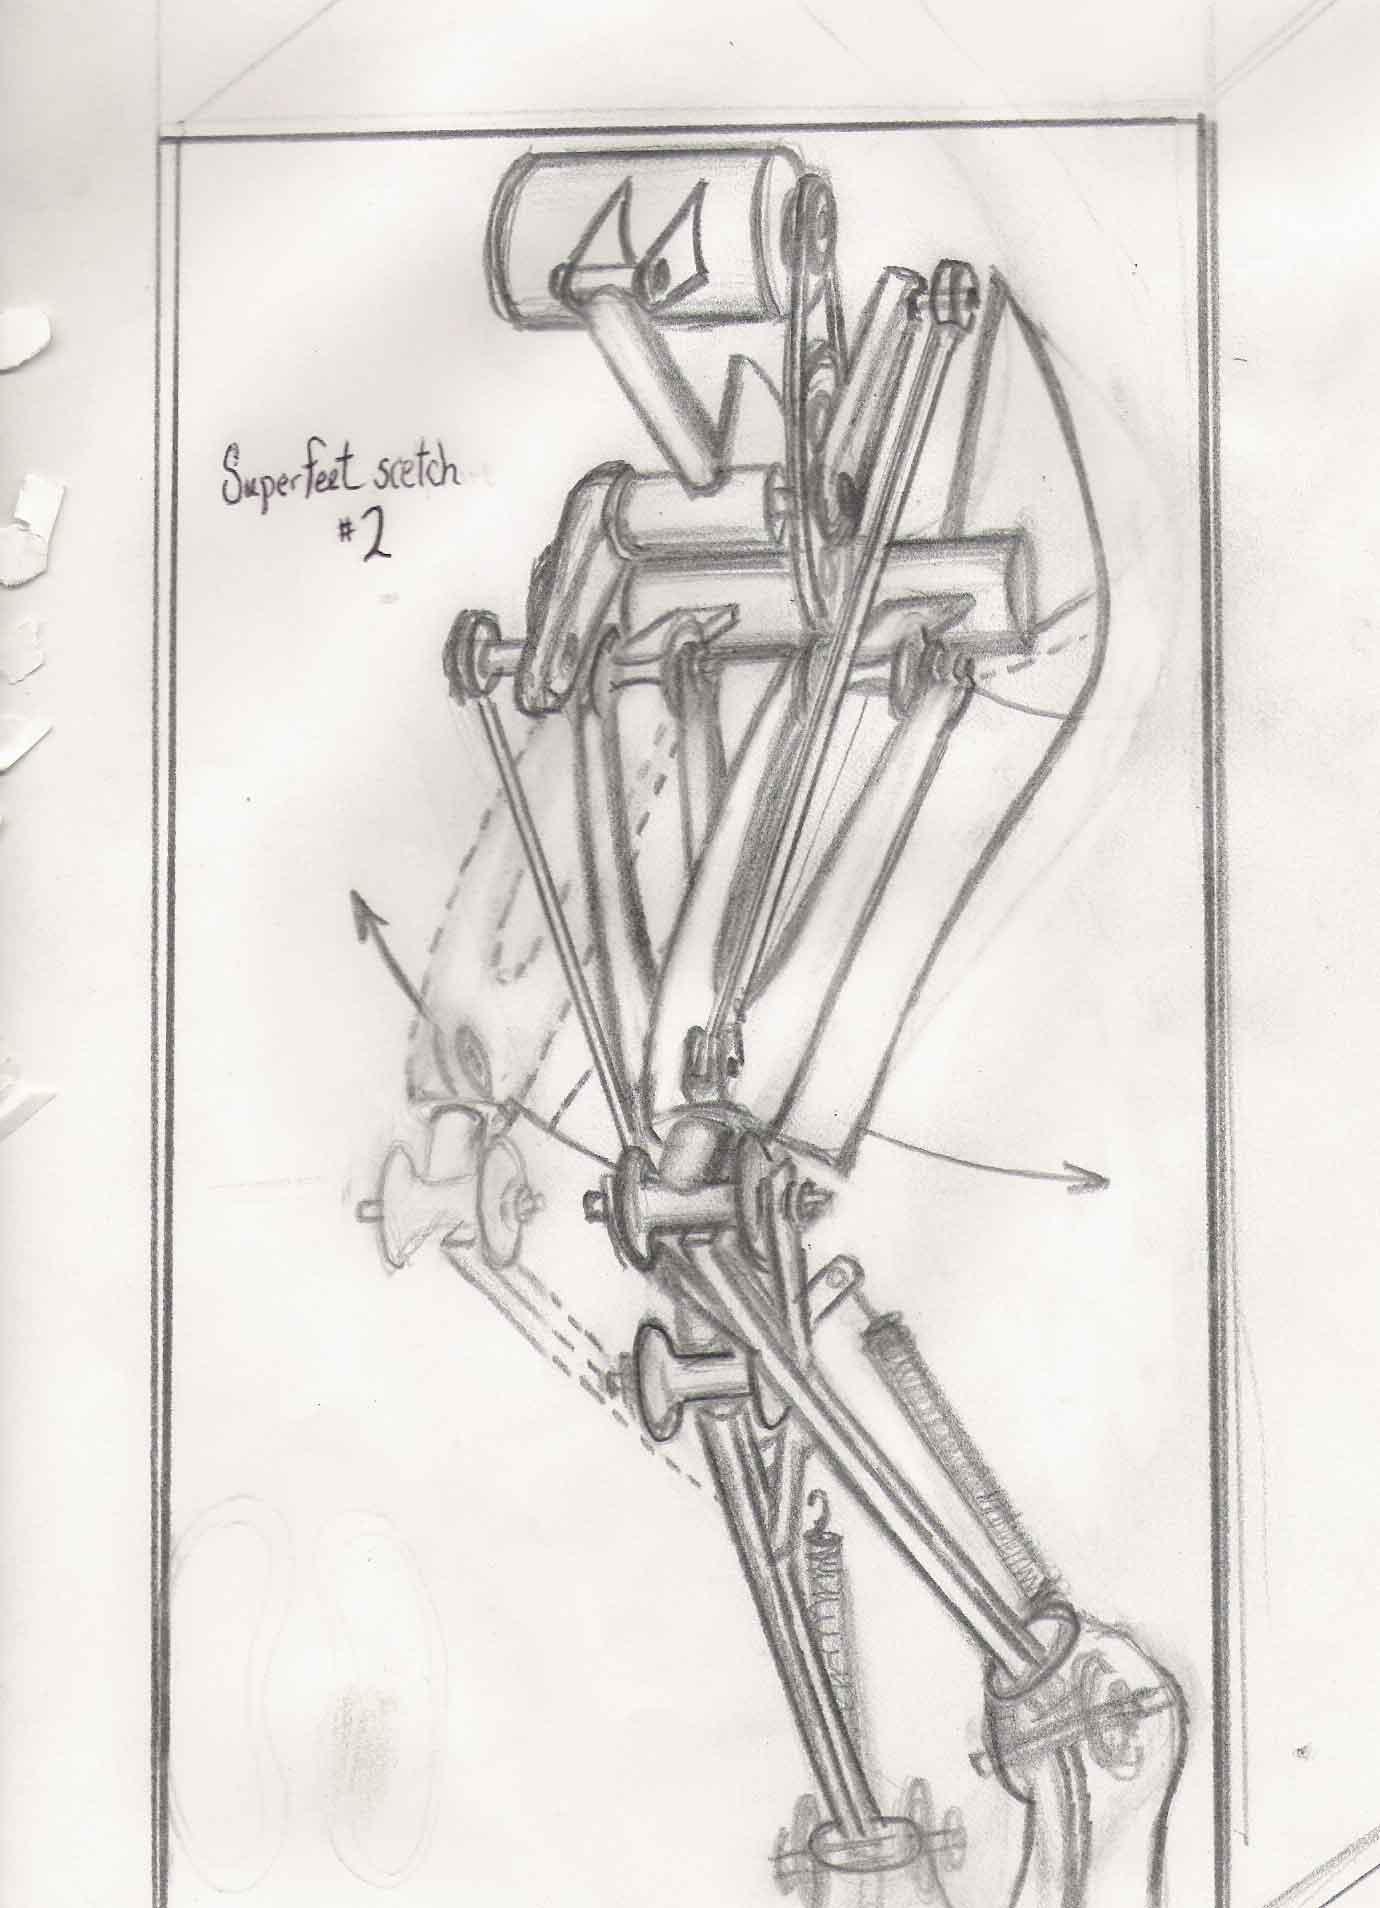 2 nd superfeet sketch